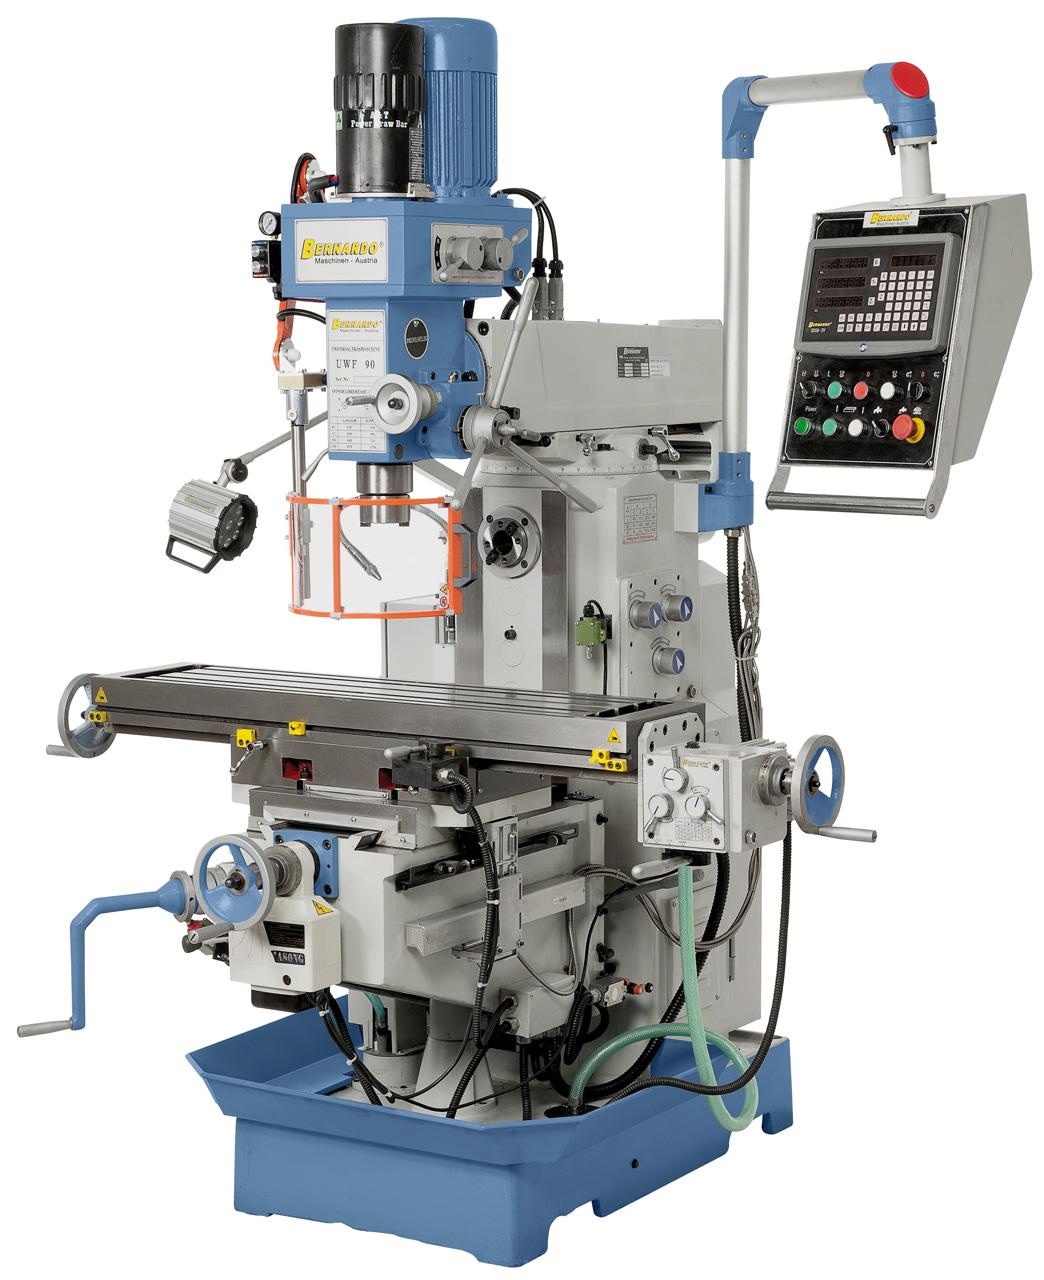 Image of   UWF 90 Universalfræsemaskine med digital aflæsning